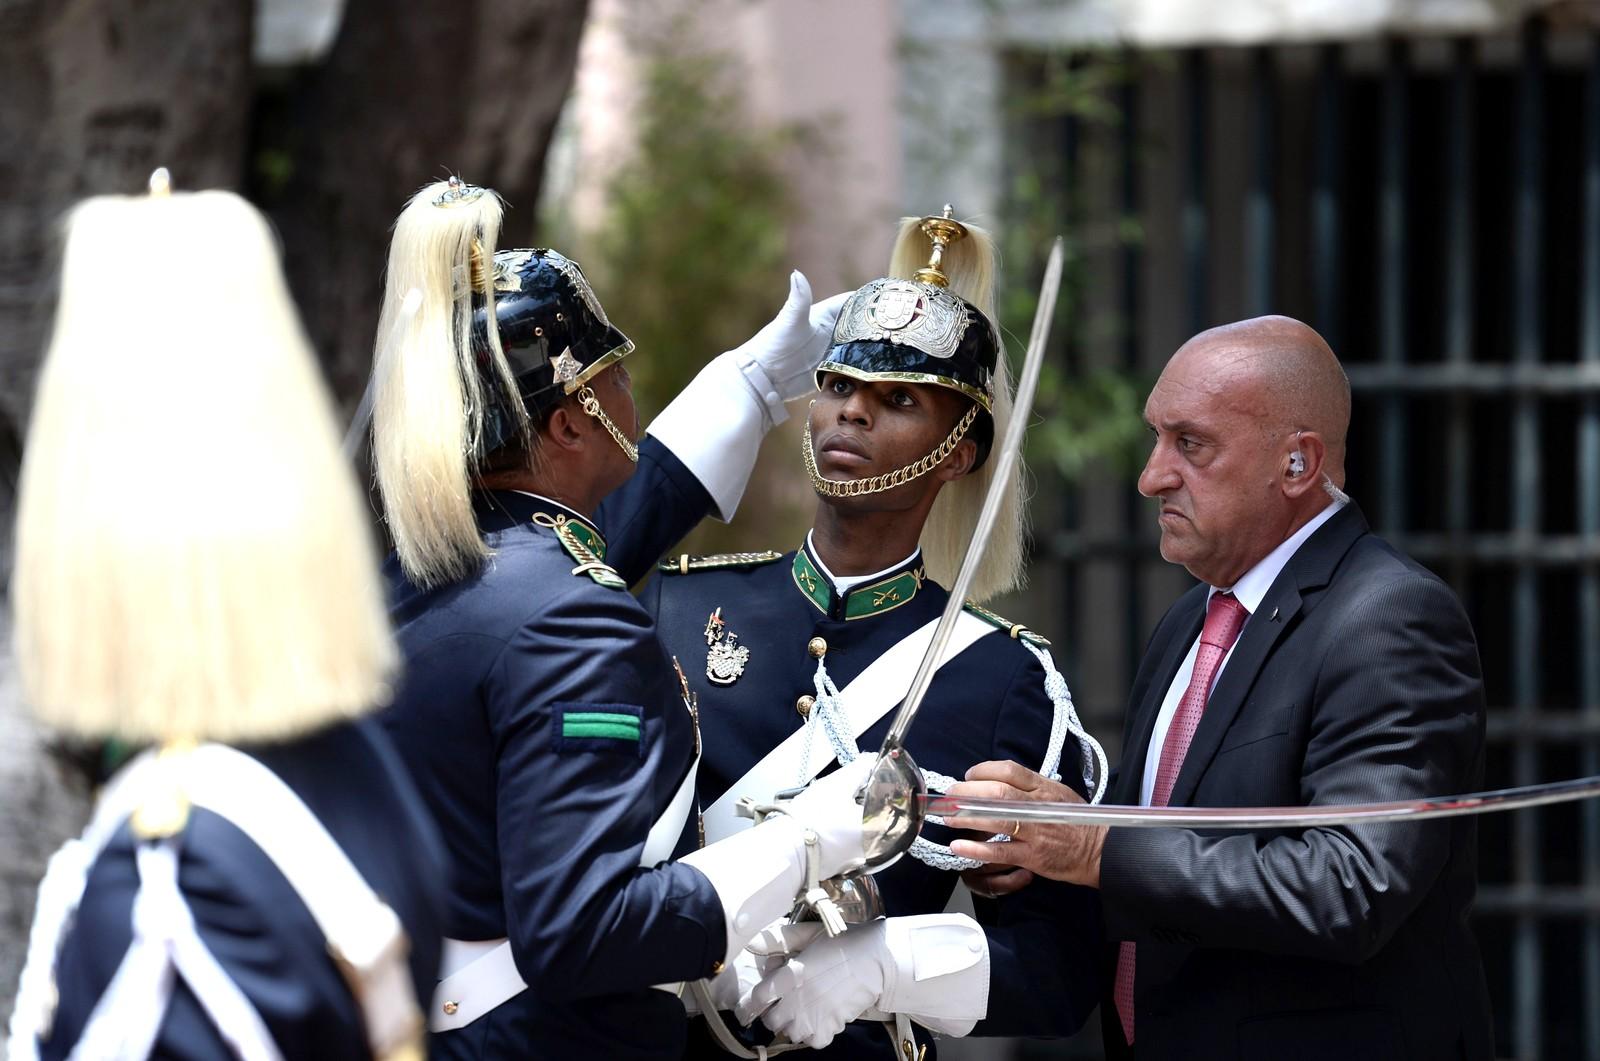 En æresvakt føler seg svimmel på grunn av varmen, og får hjelp under et besøk av den franske presidenten Francois Hollande i Lisboa i Portugal den 19. juli.